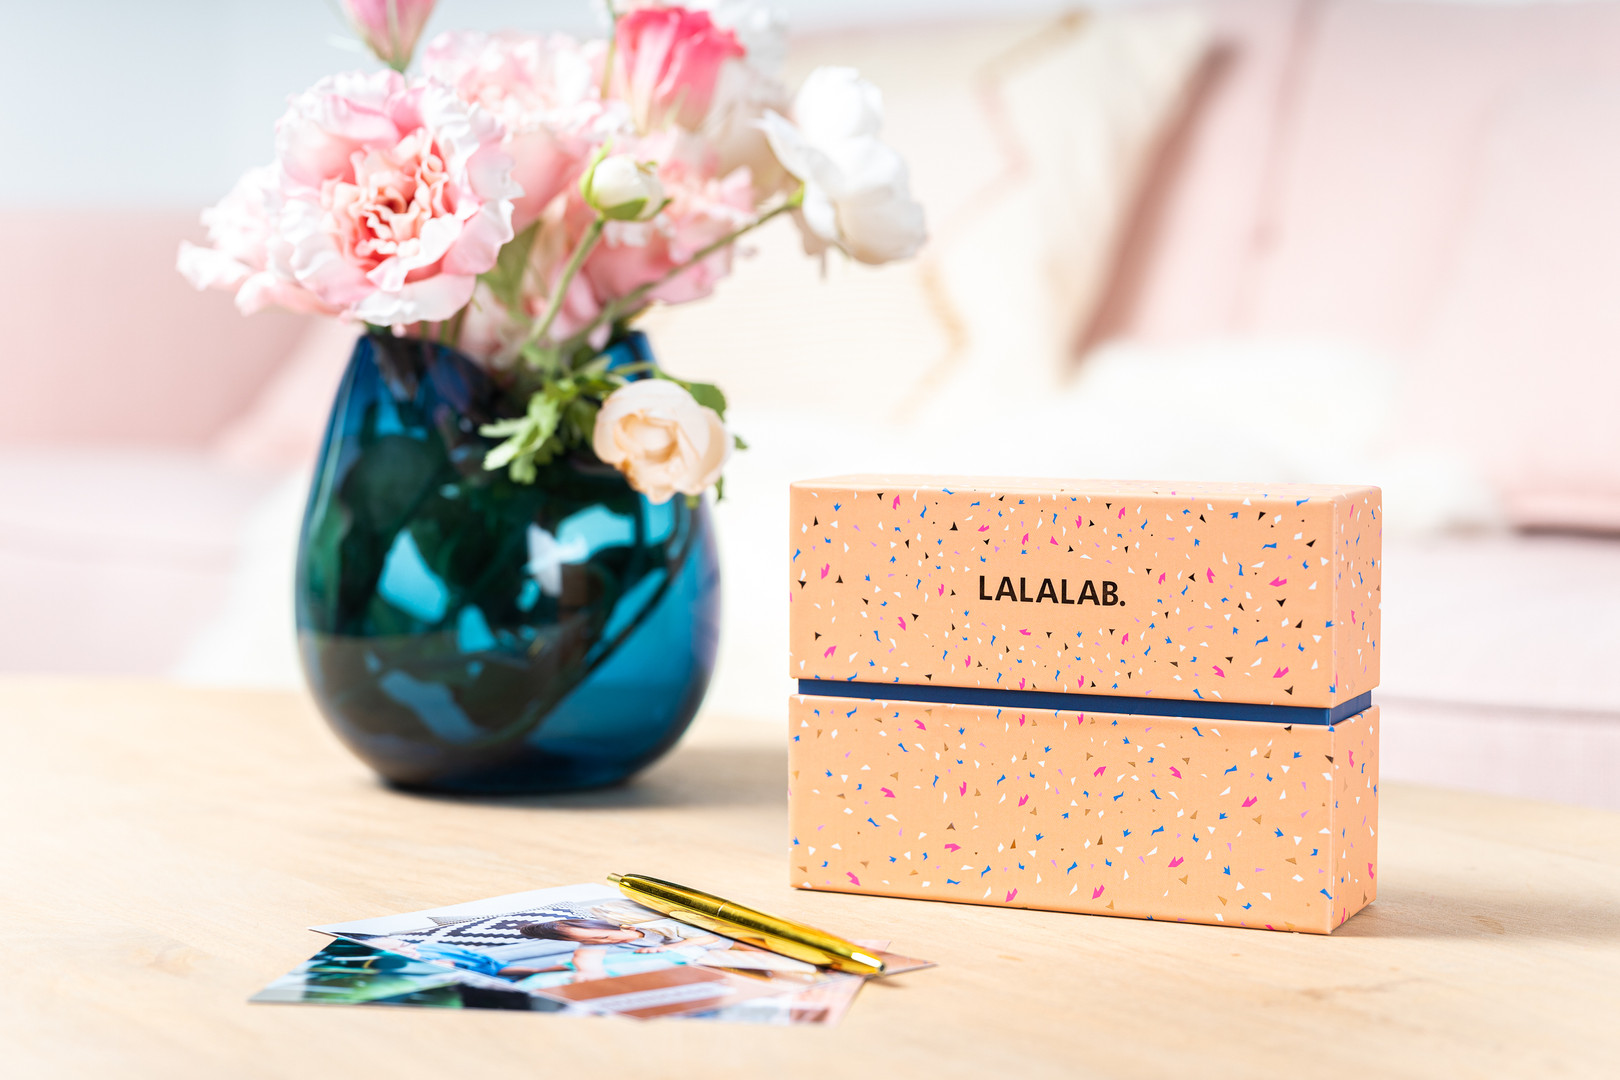 Lalalab_-_Décembre_20196076-Modifier.j